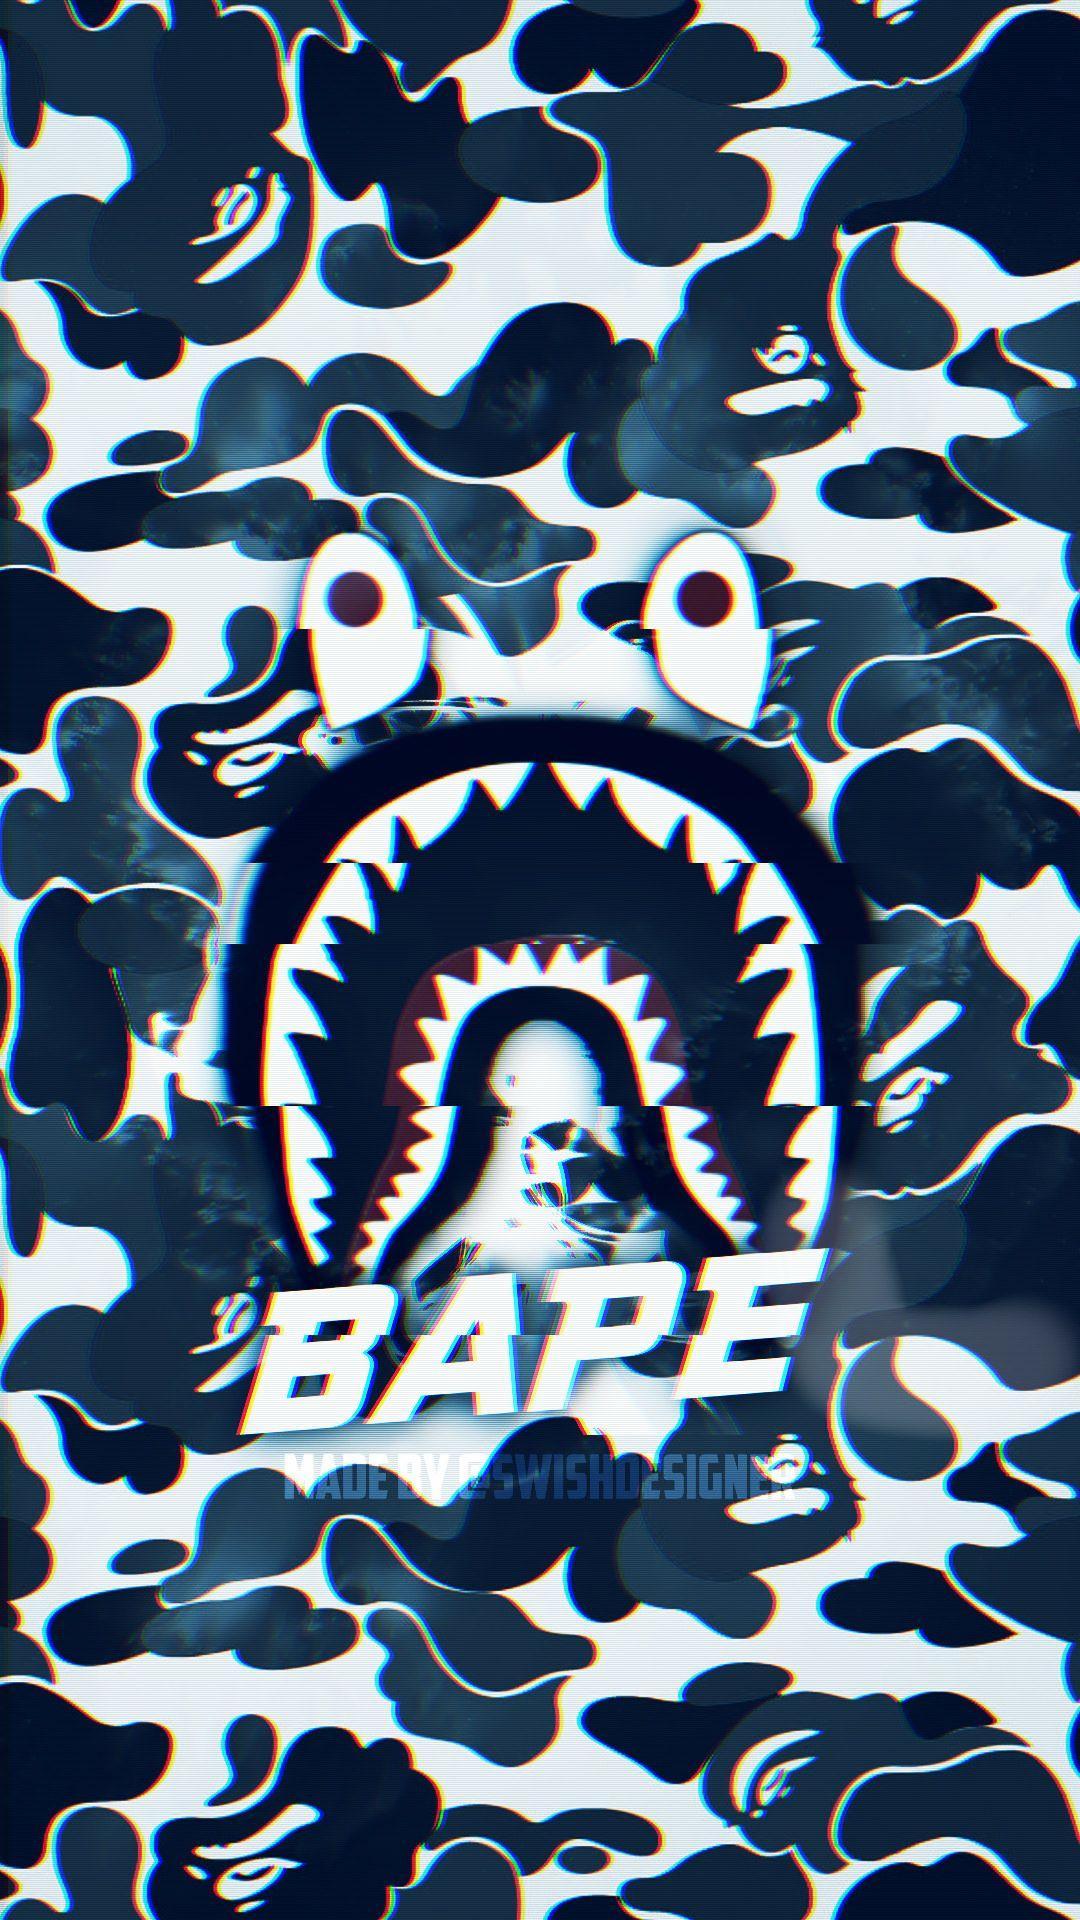 Bape Wallpaper (Custom) - Made by @SwishDesigner on Instagram .